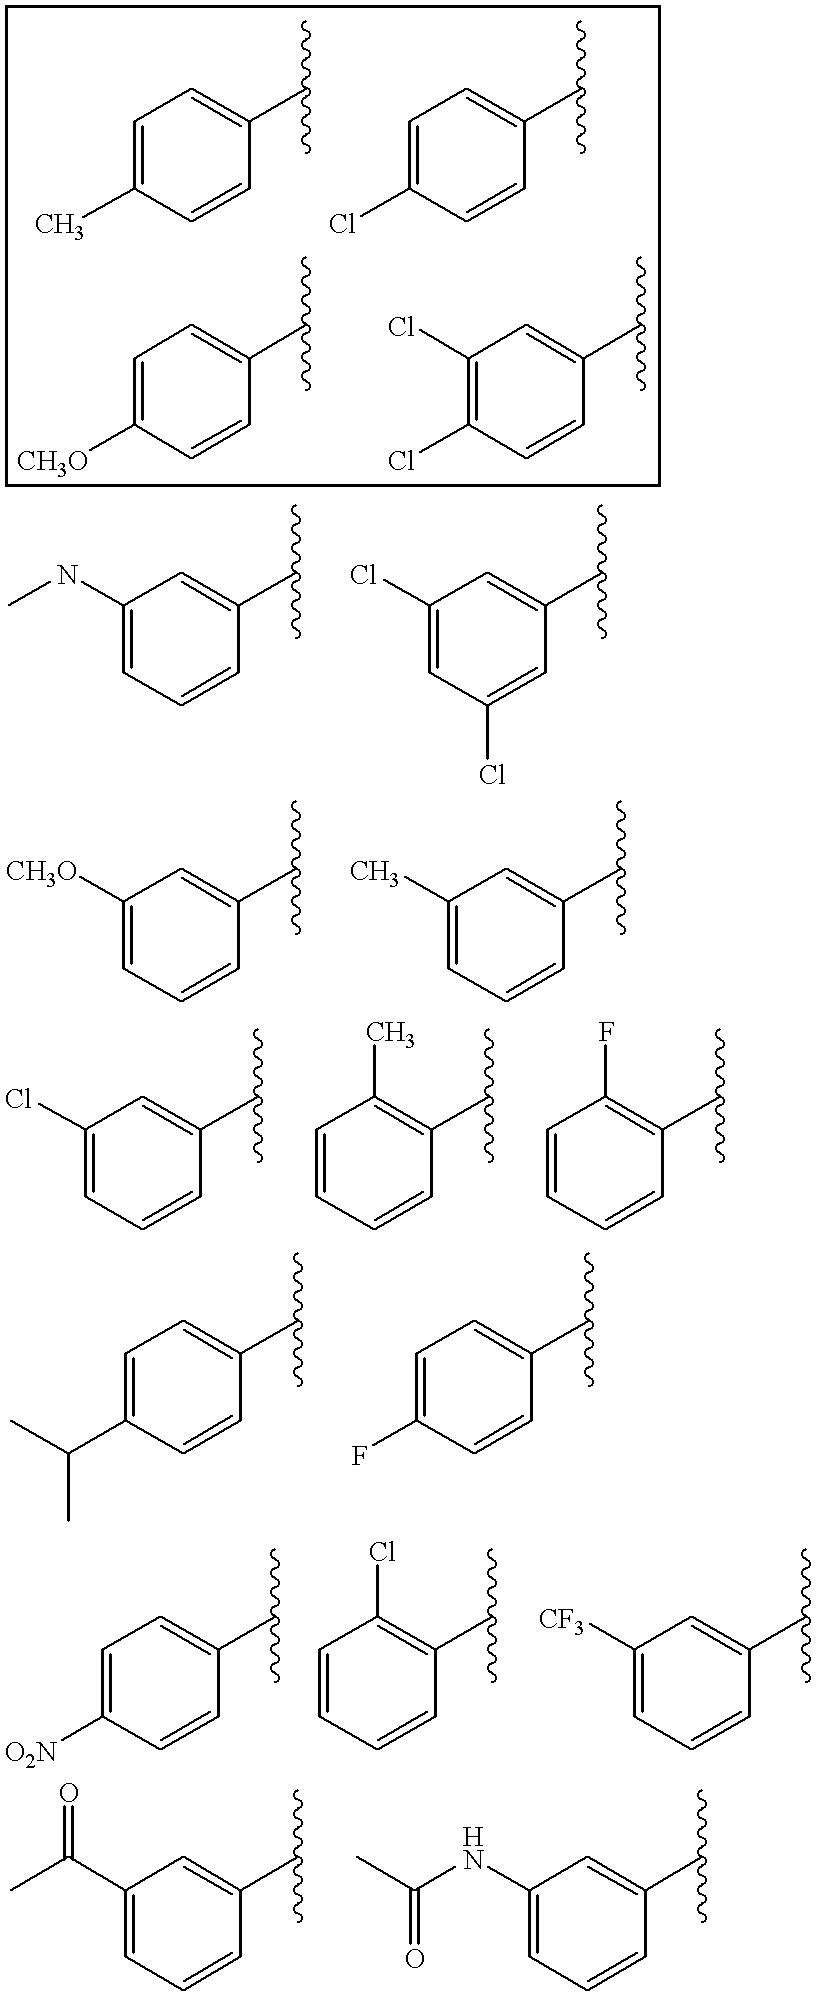 Figure US06420169-20020716-C00026